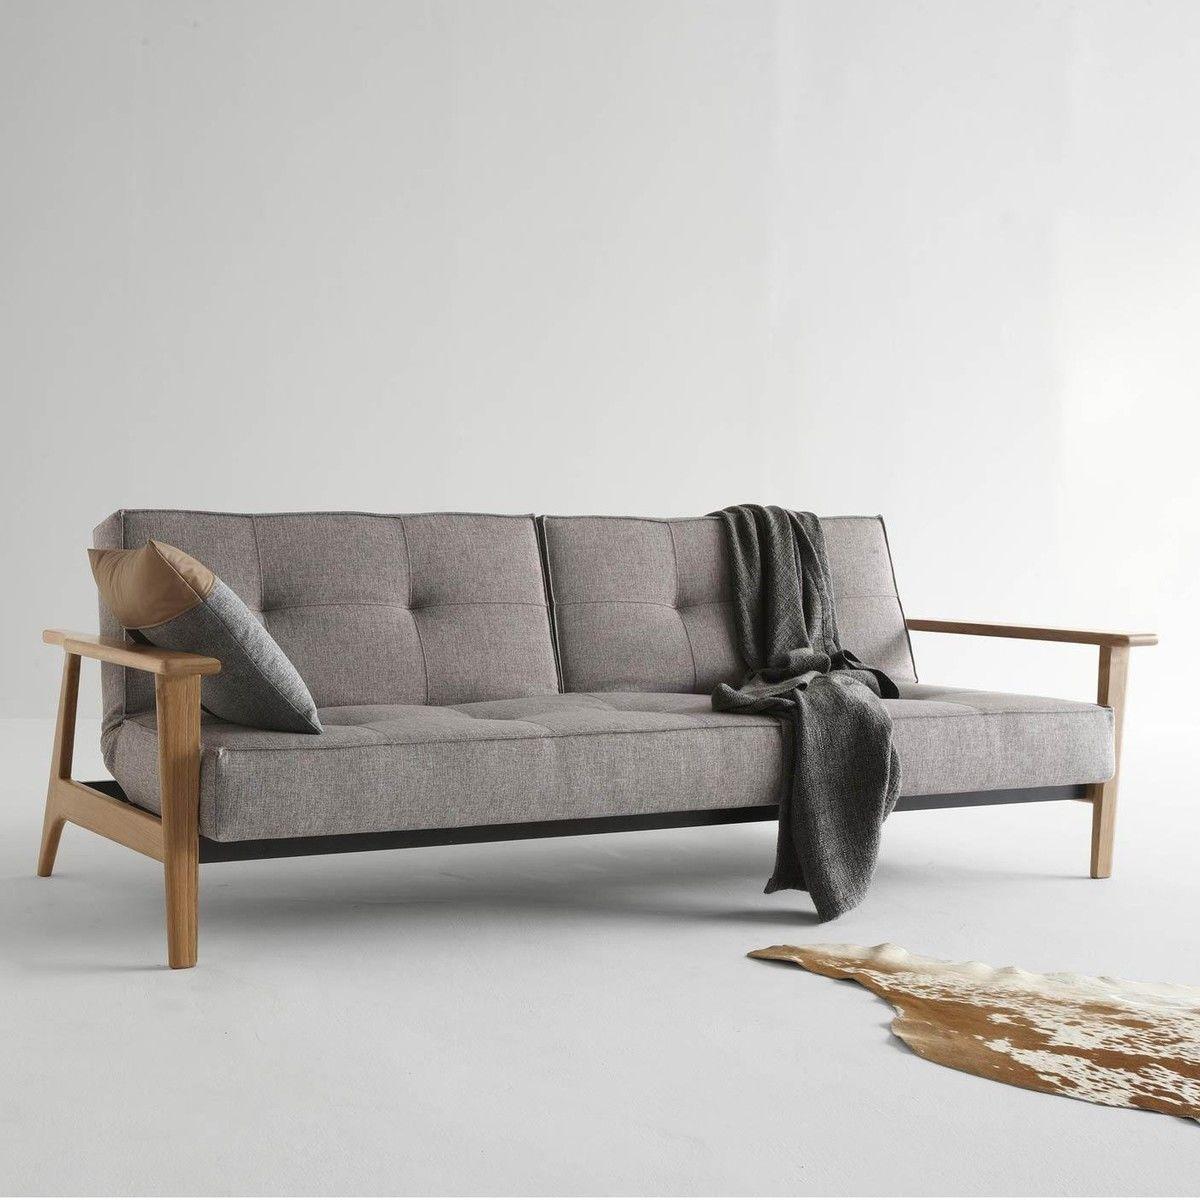 splitback frej schlafsofa innovation. Black Bedroom Furniture Sets. Home Design Ideas